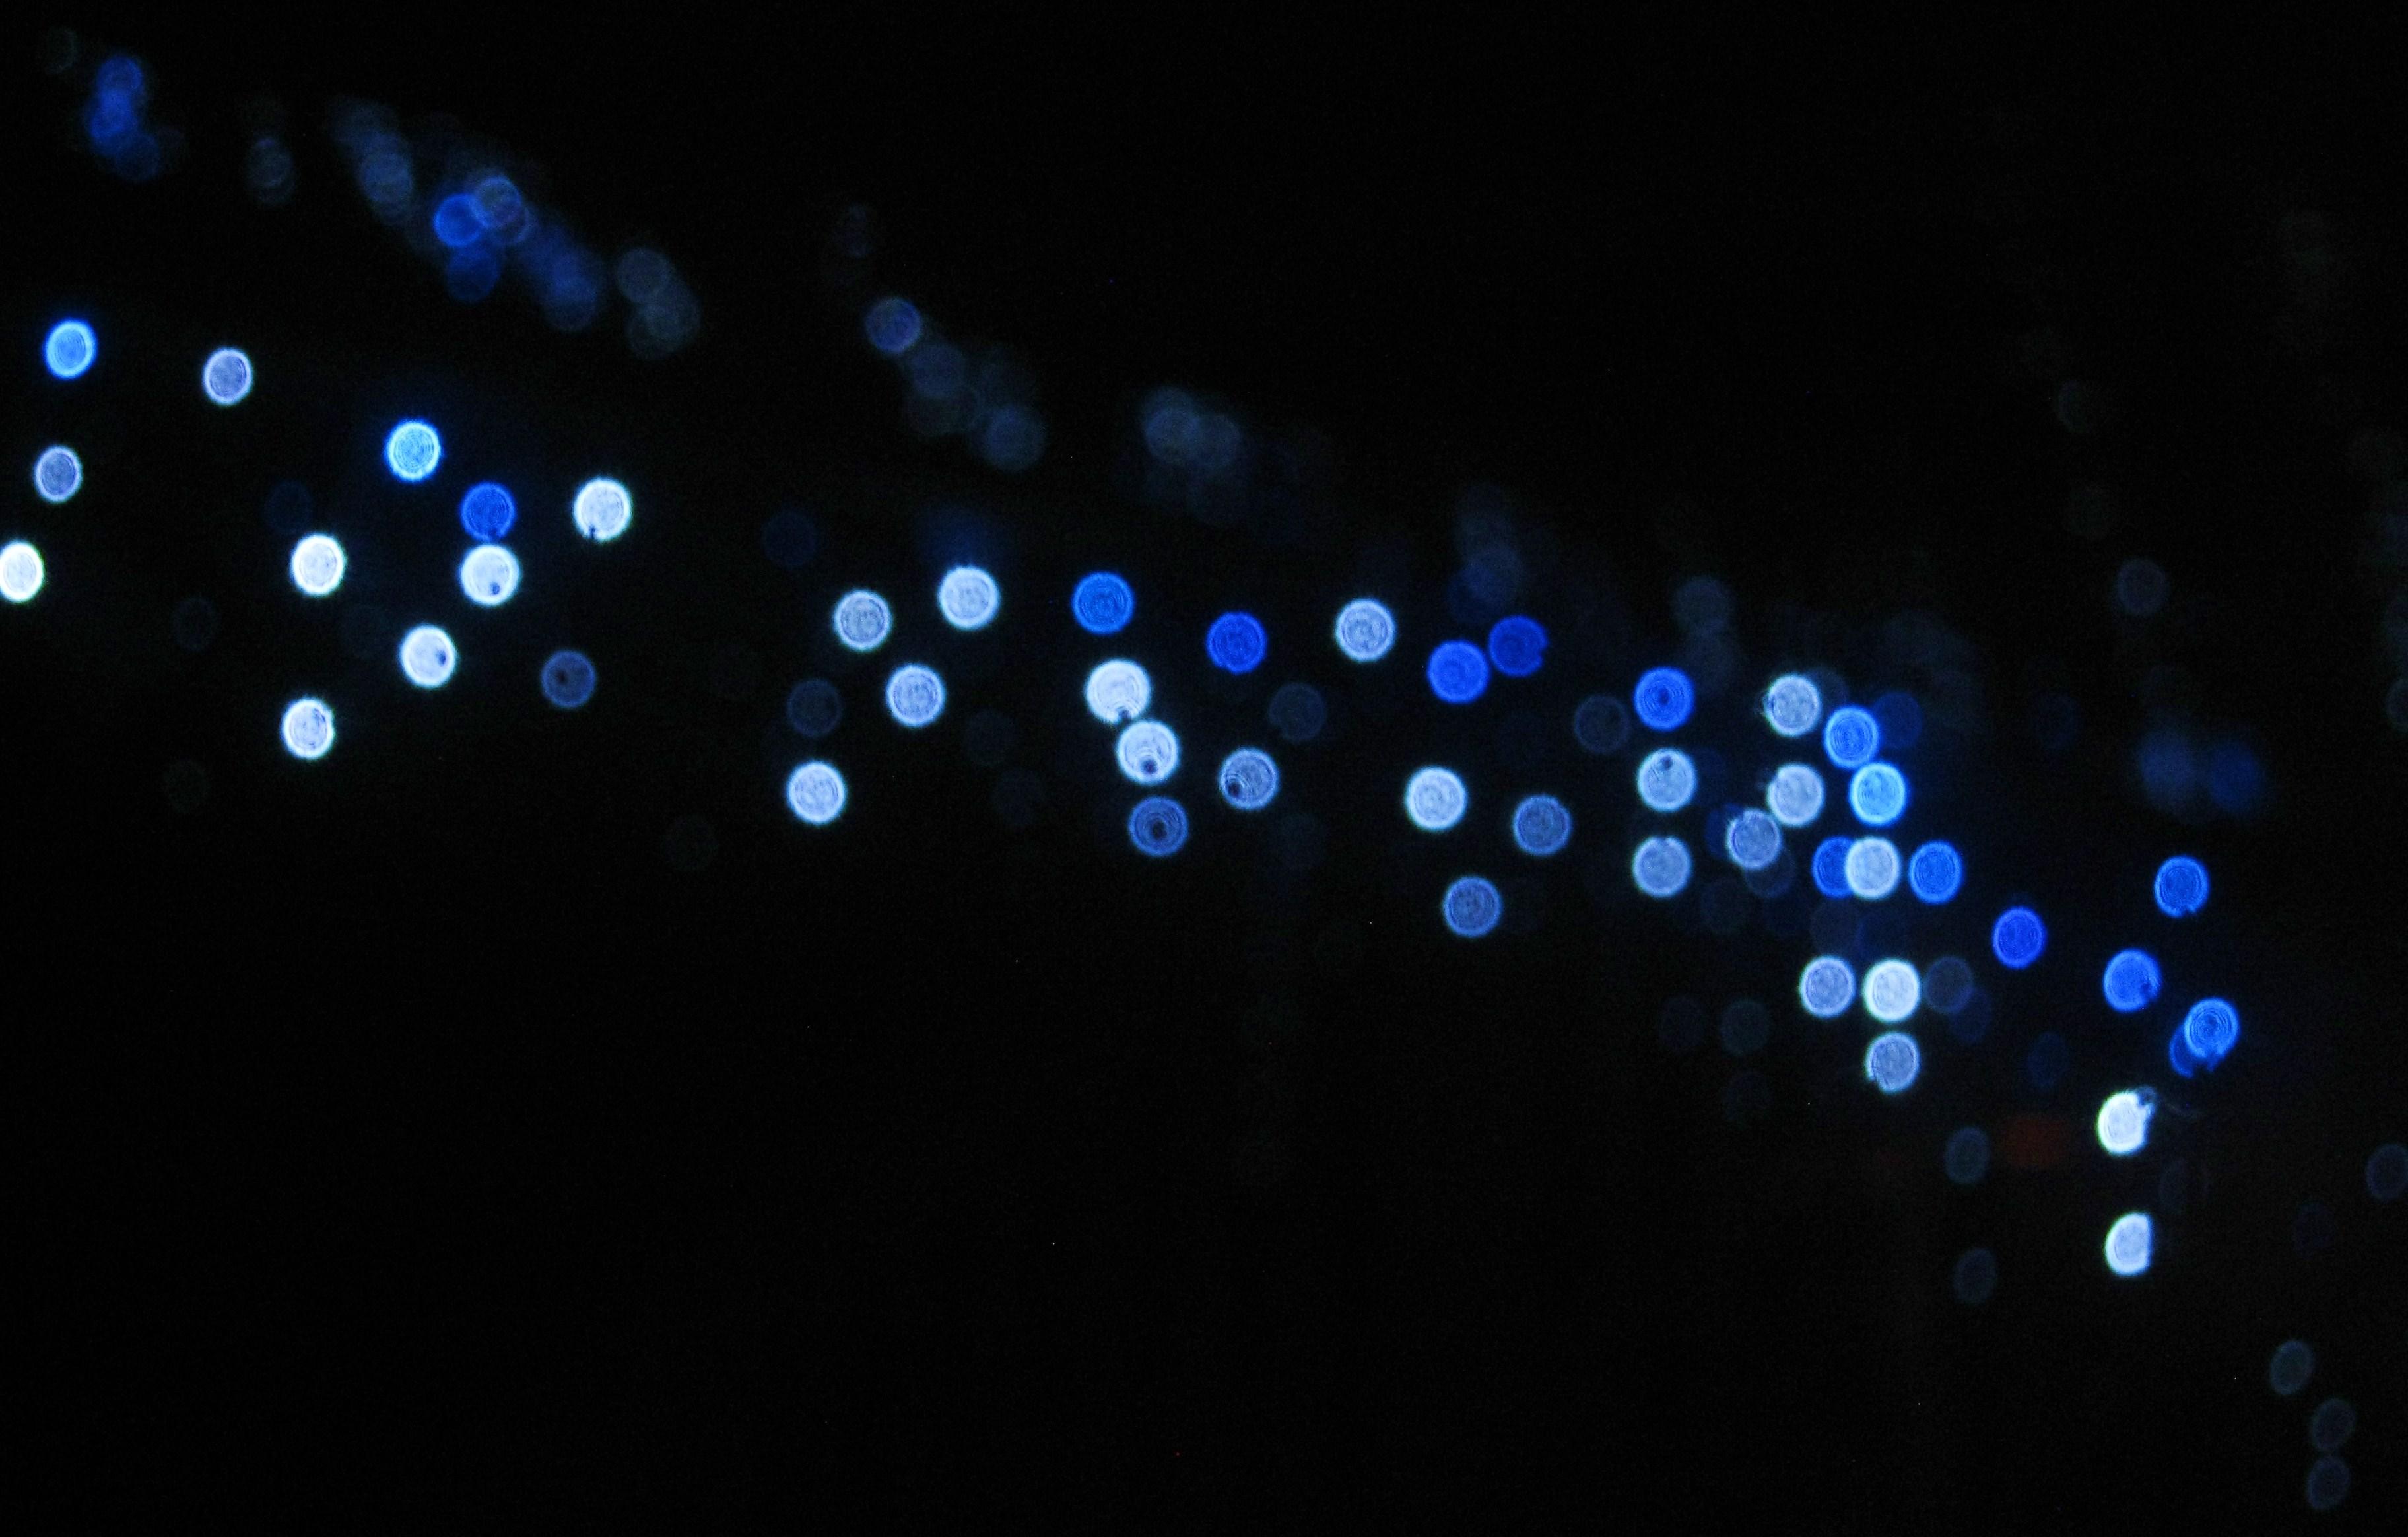 Night Lights By Blueeire On Deviantart